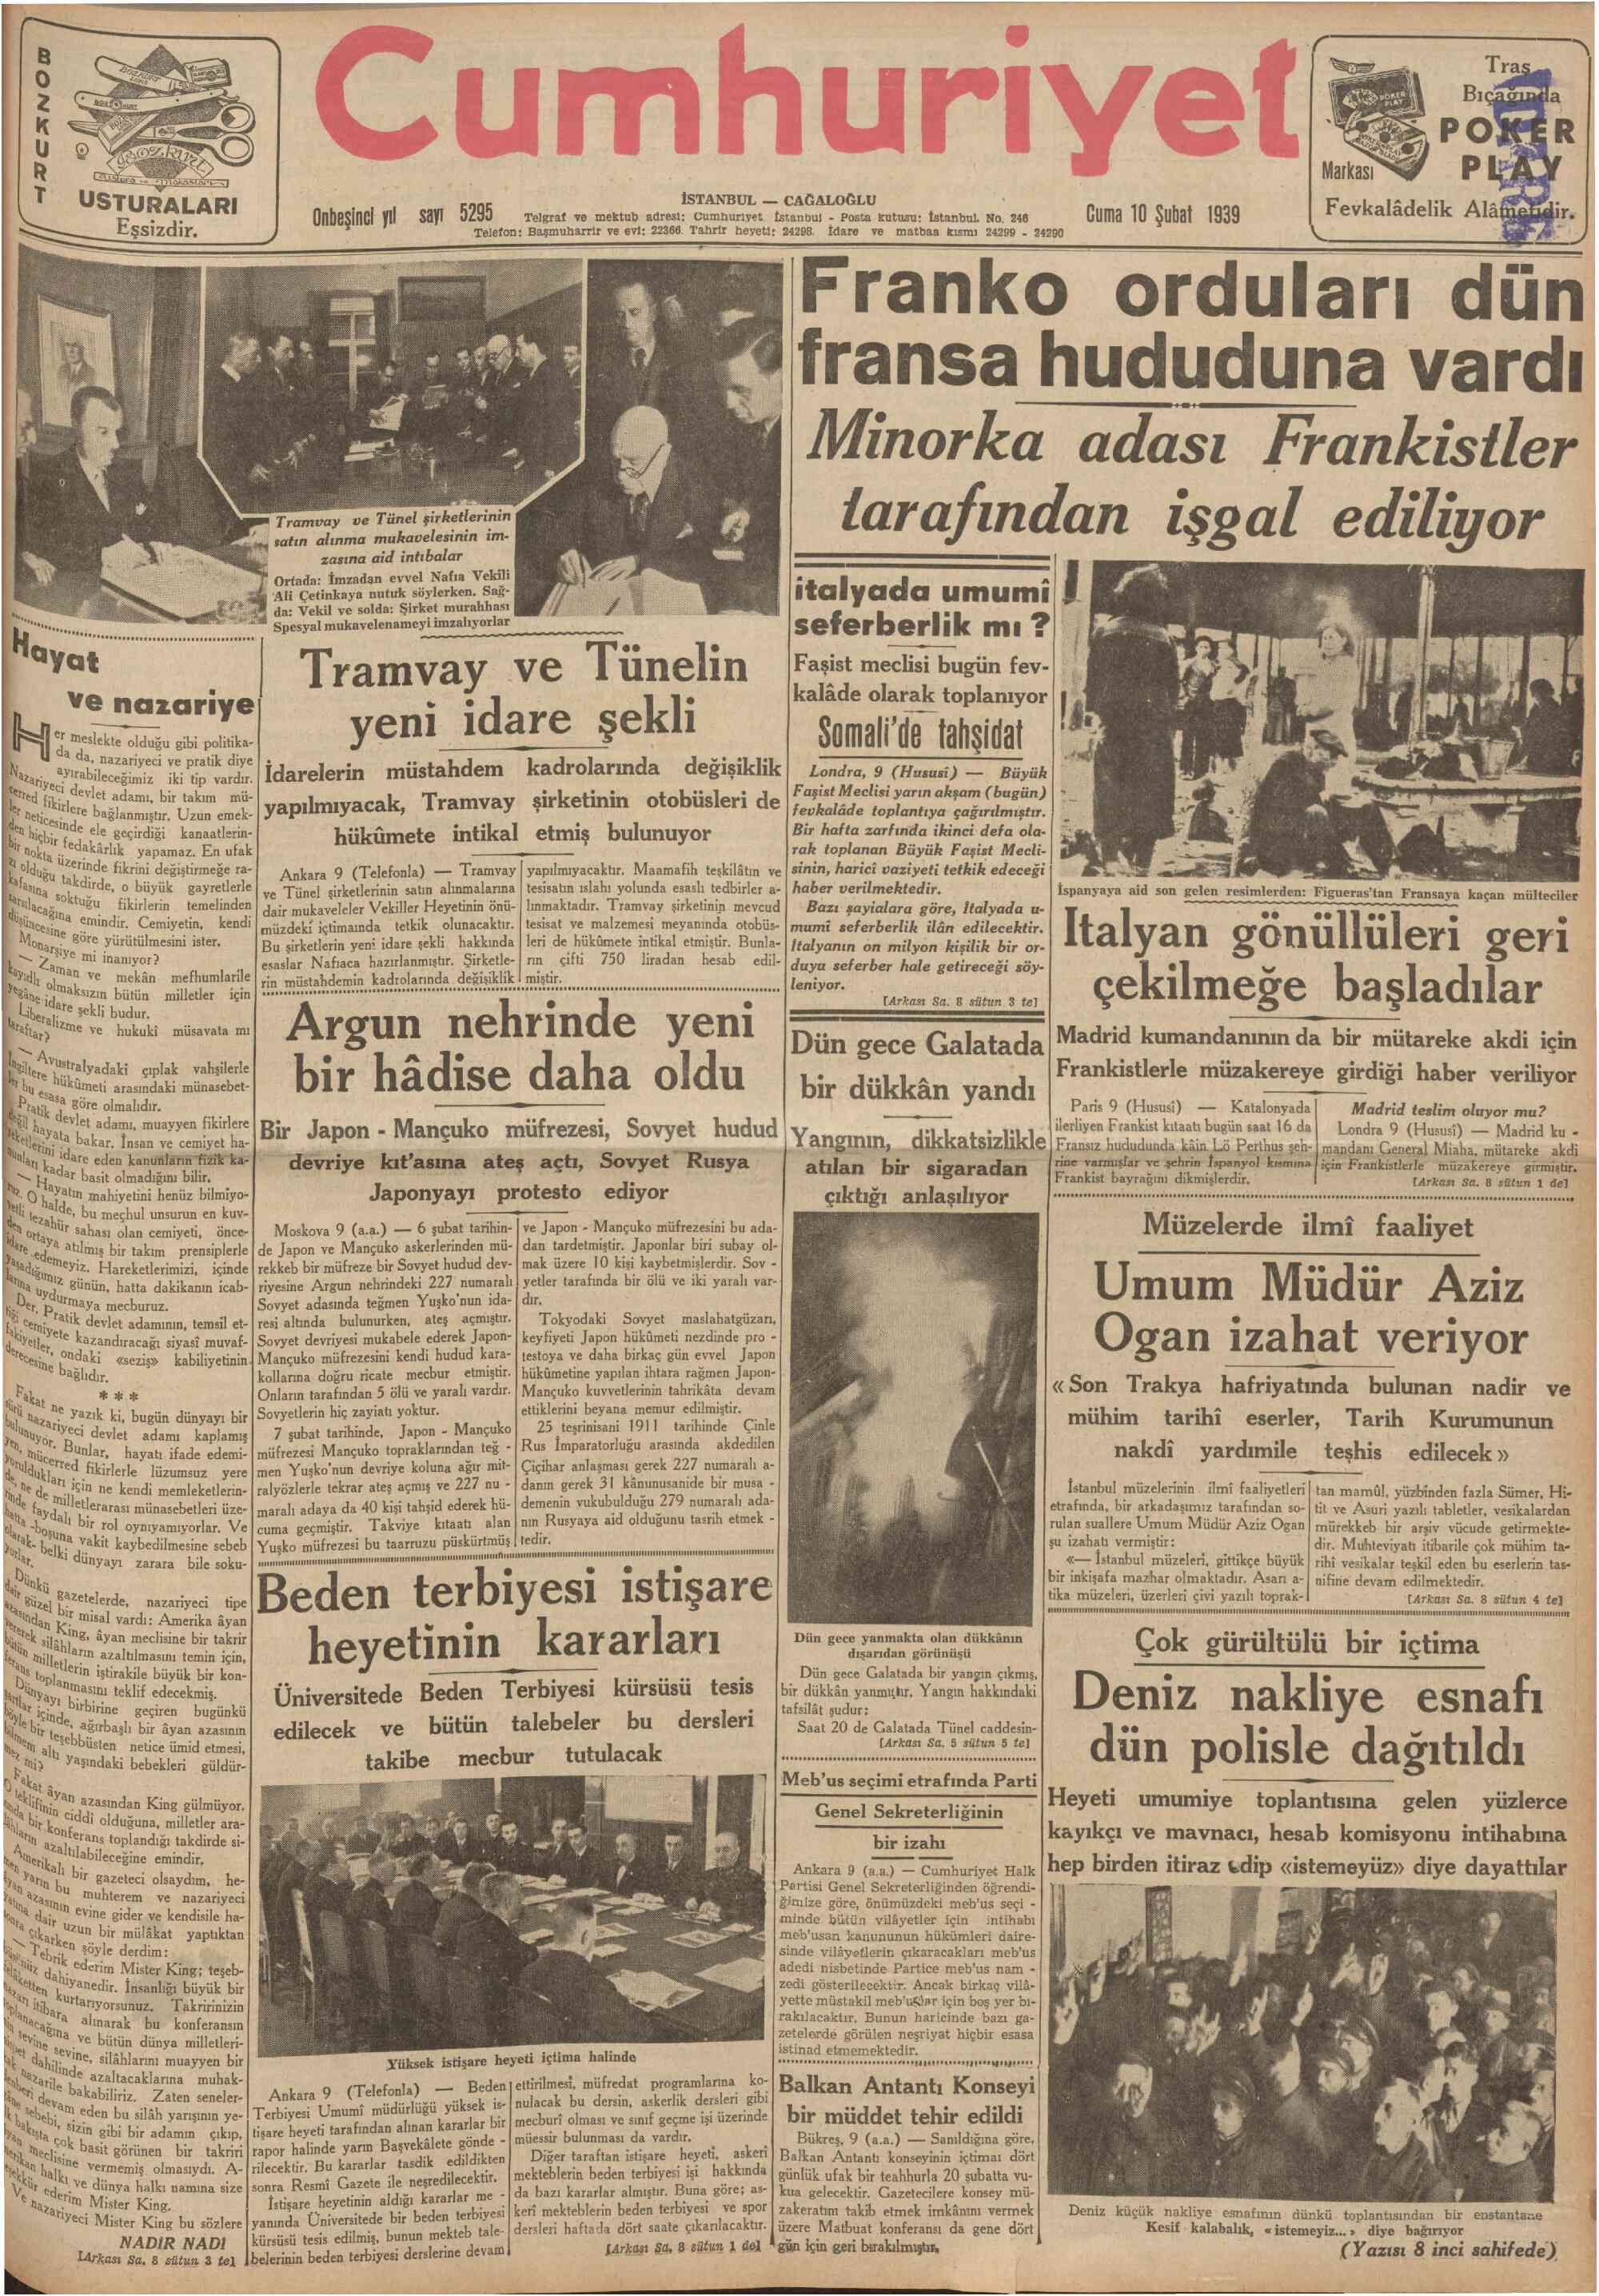 10 Şubat 1939 Tarihli Cumhuriyet Gazetesi Sayfa 1